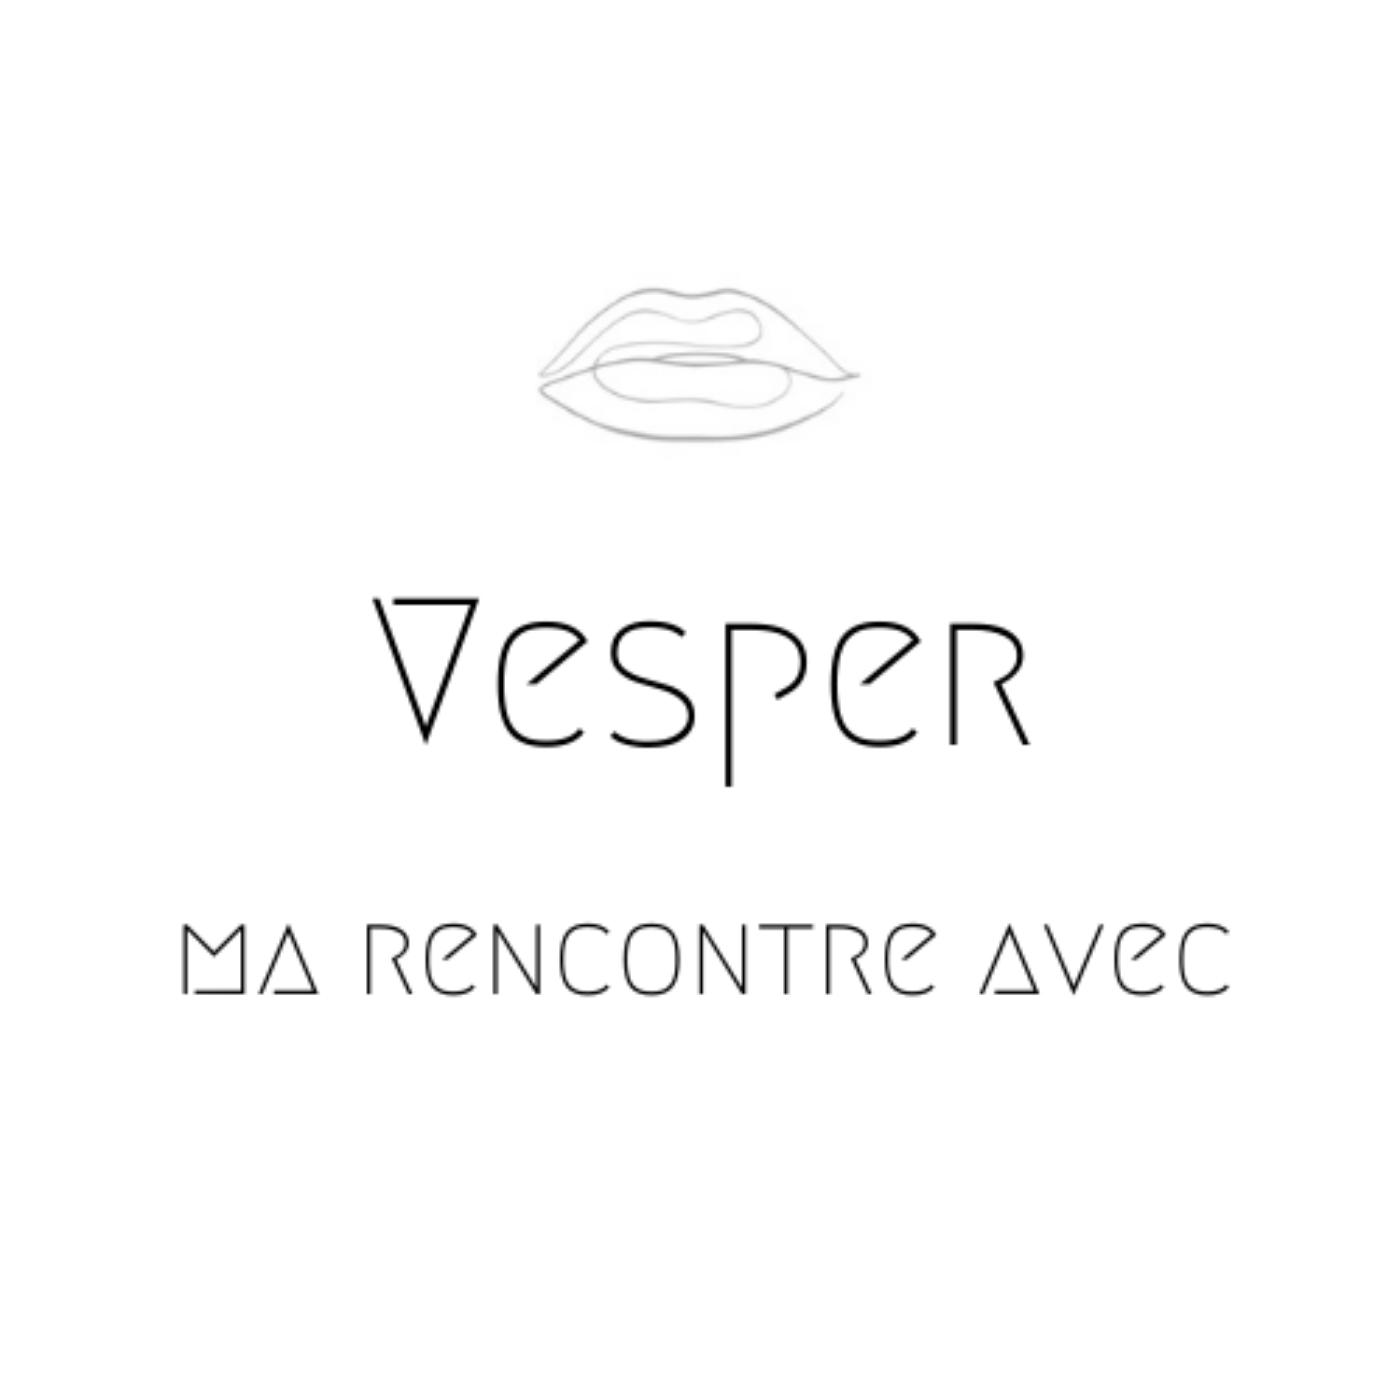 Vesper, rencontre avec ...